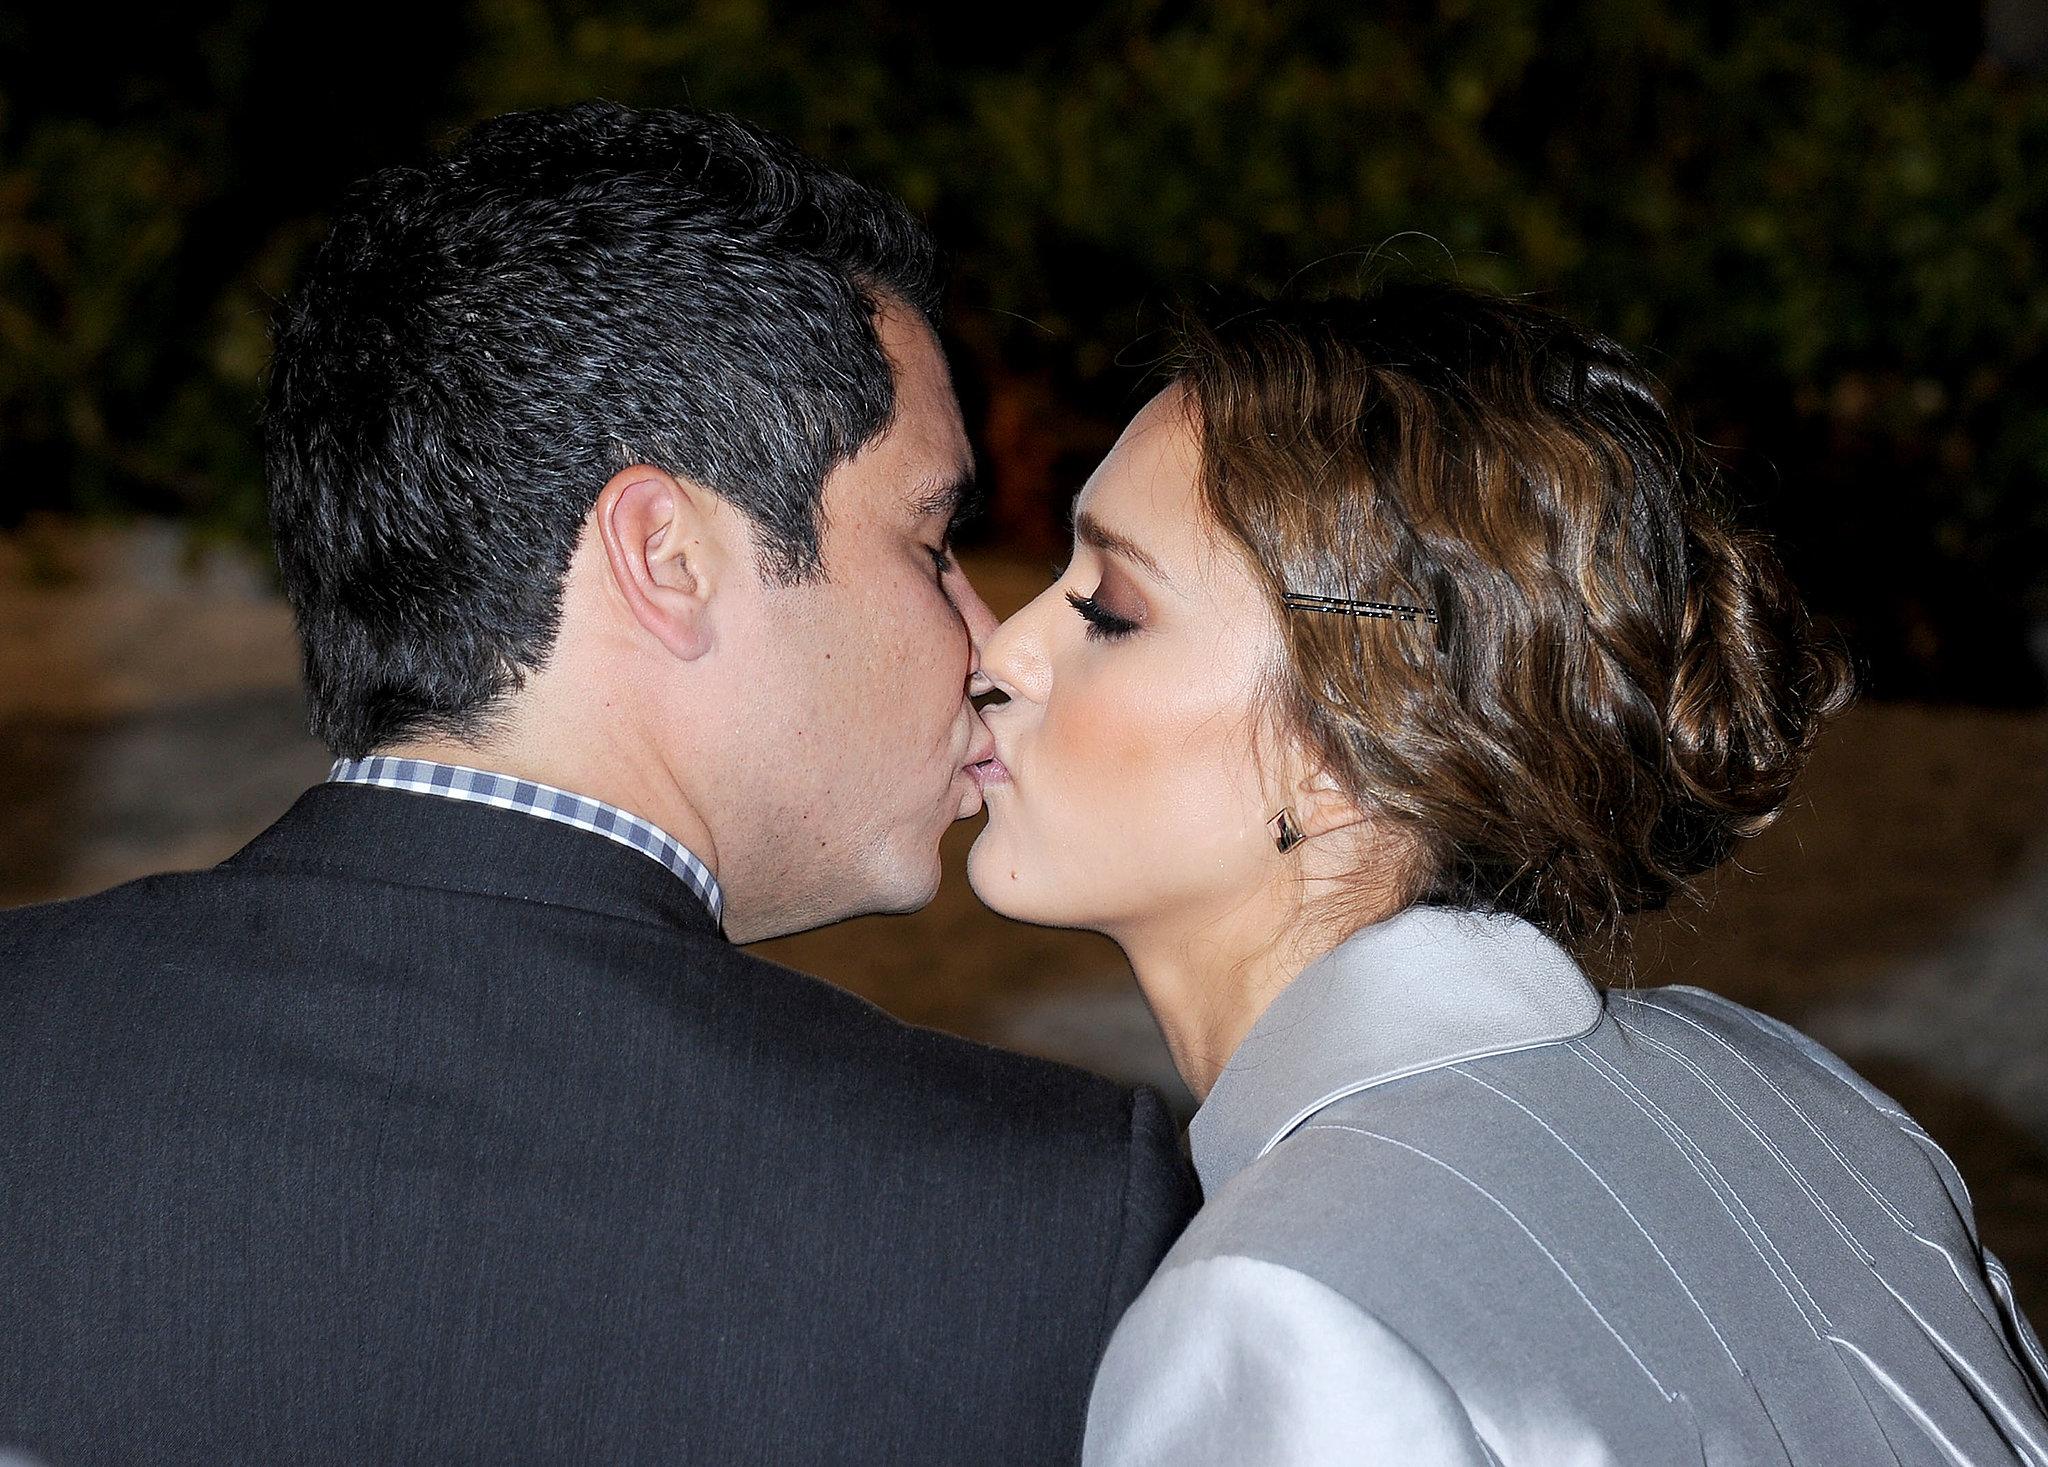 видео самые известные поцелуи фото вместительных шкафов